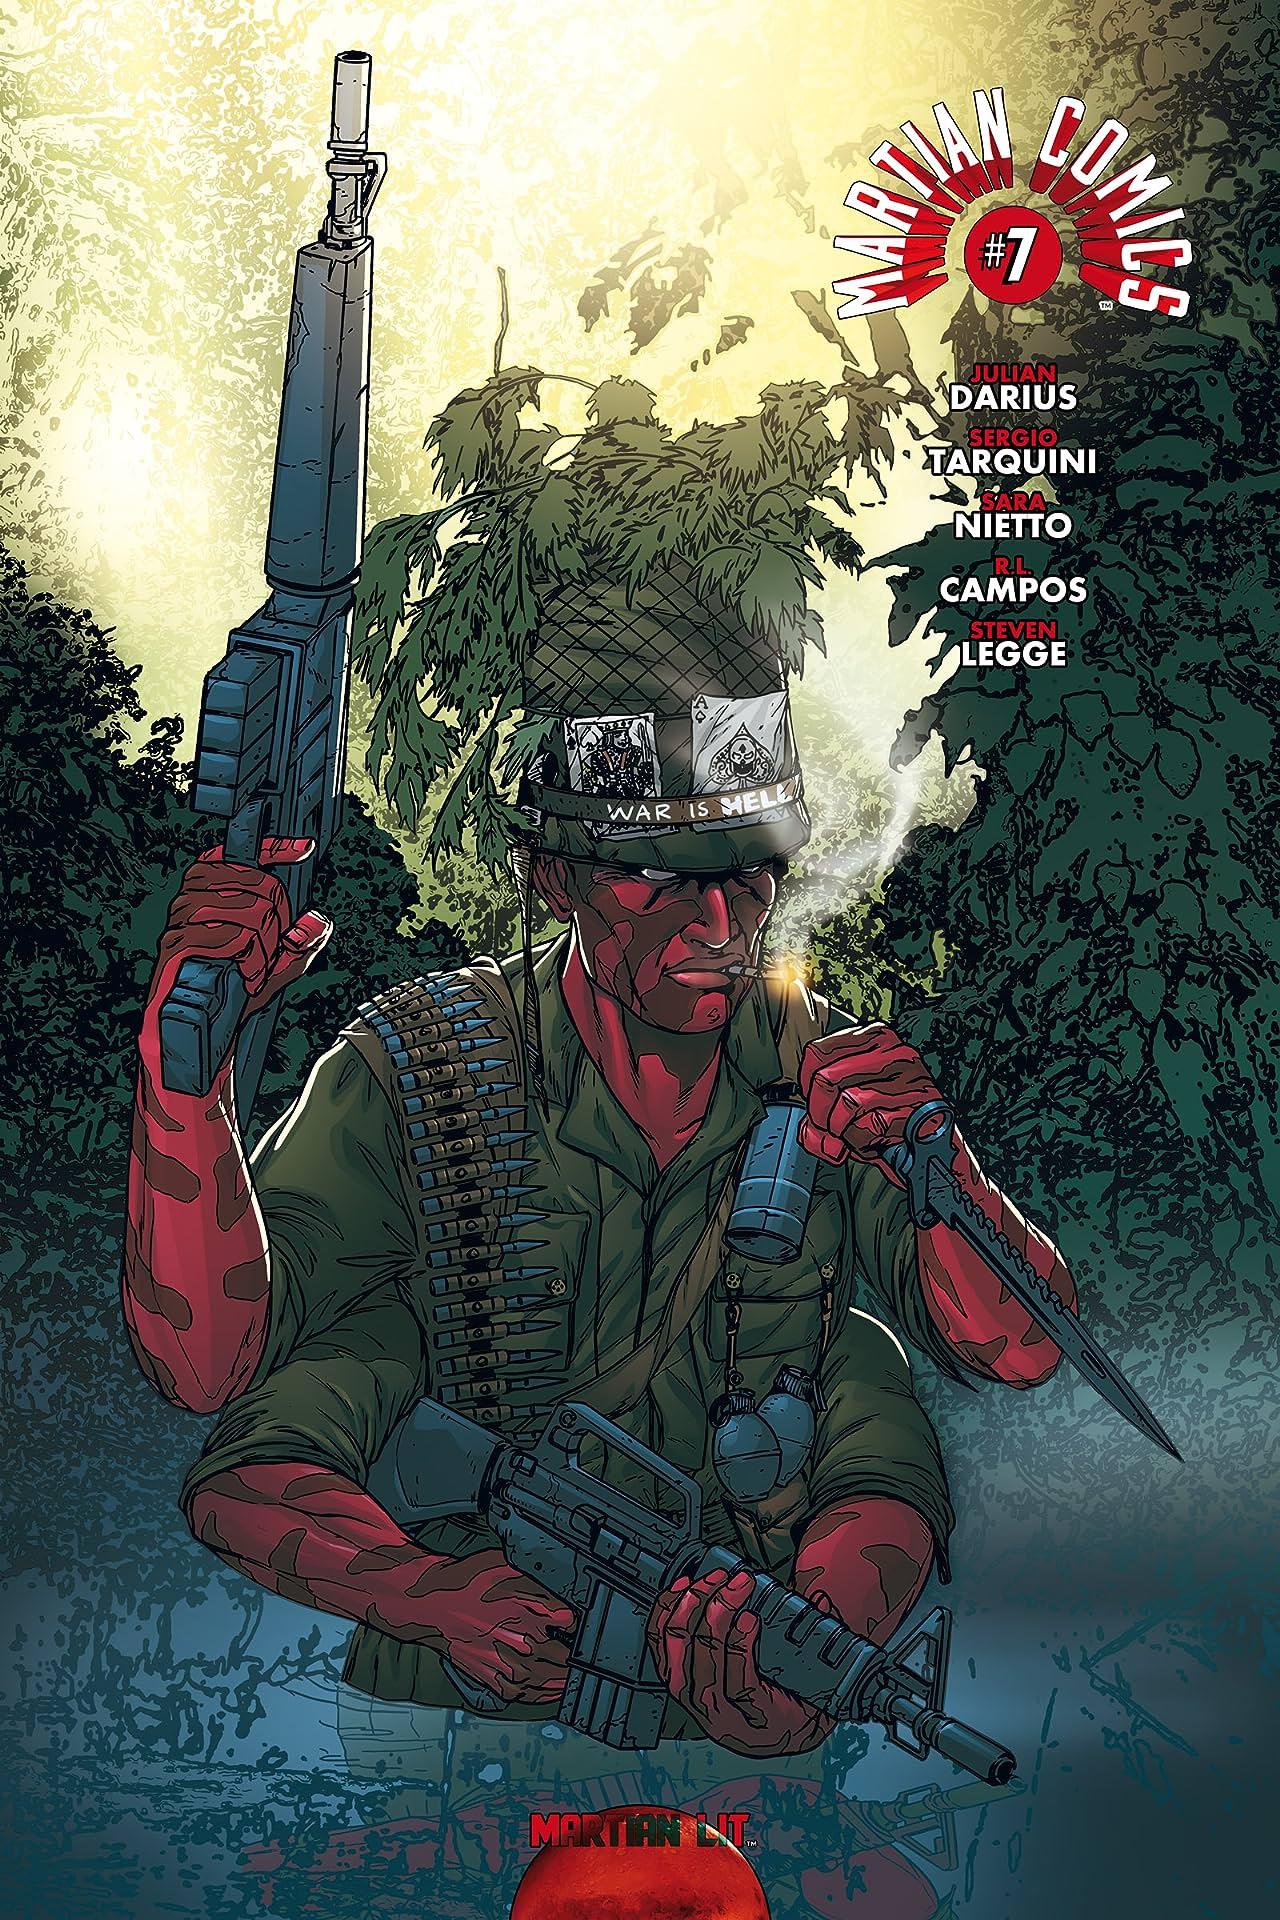 Martian Comics #7